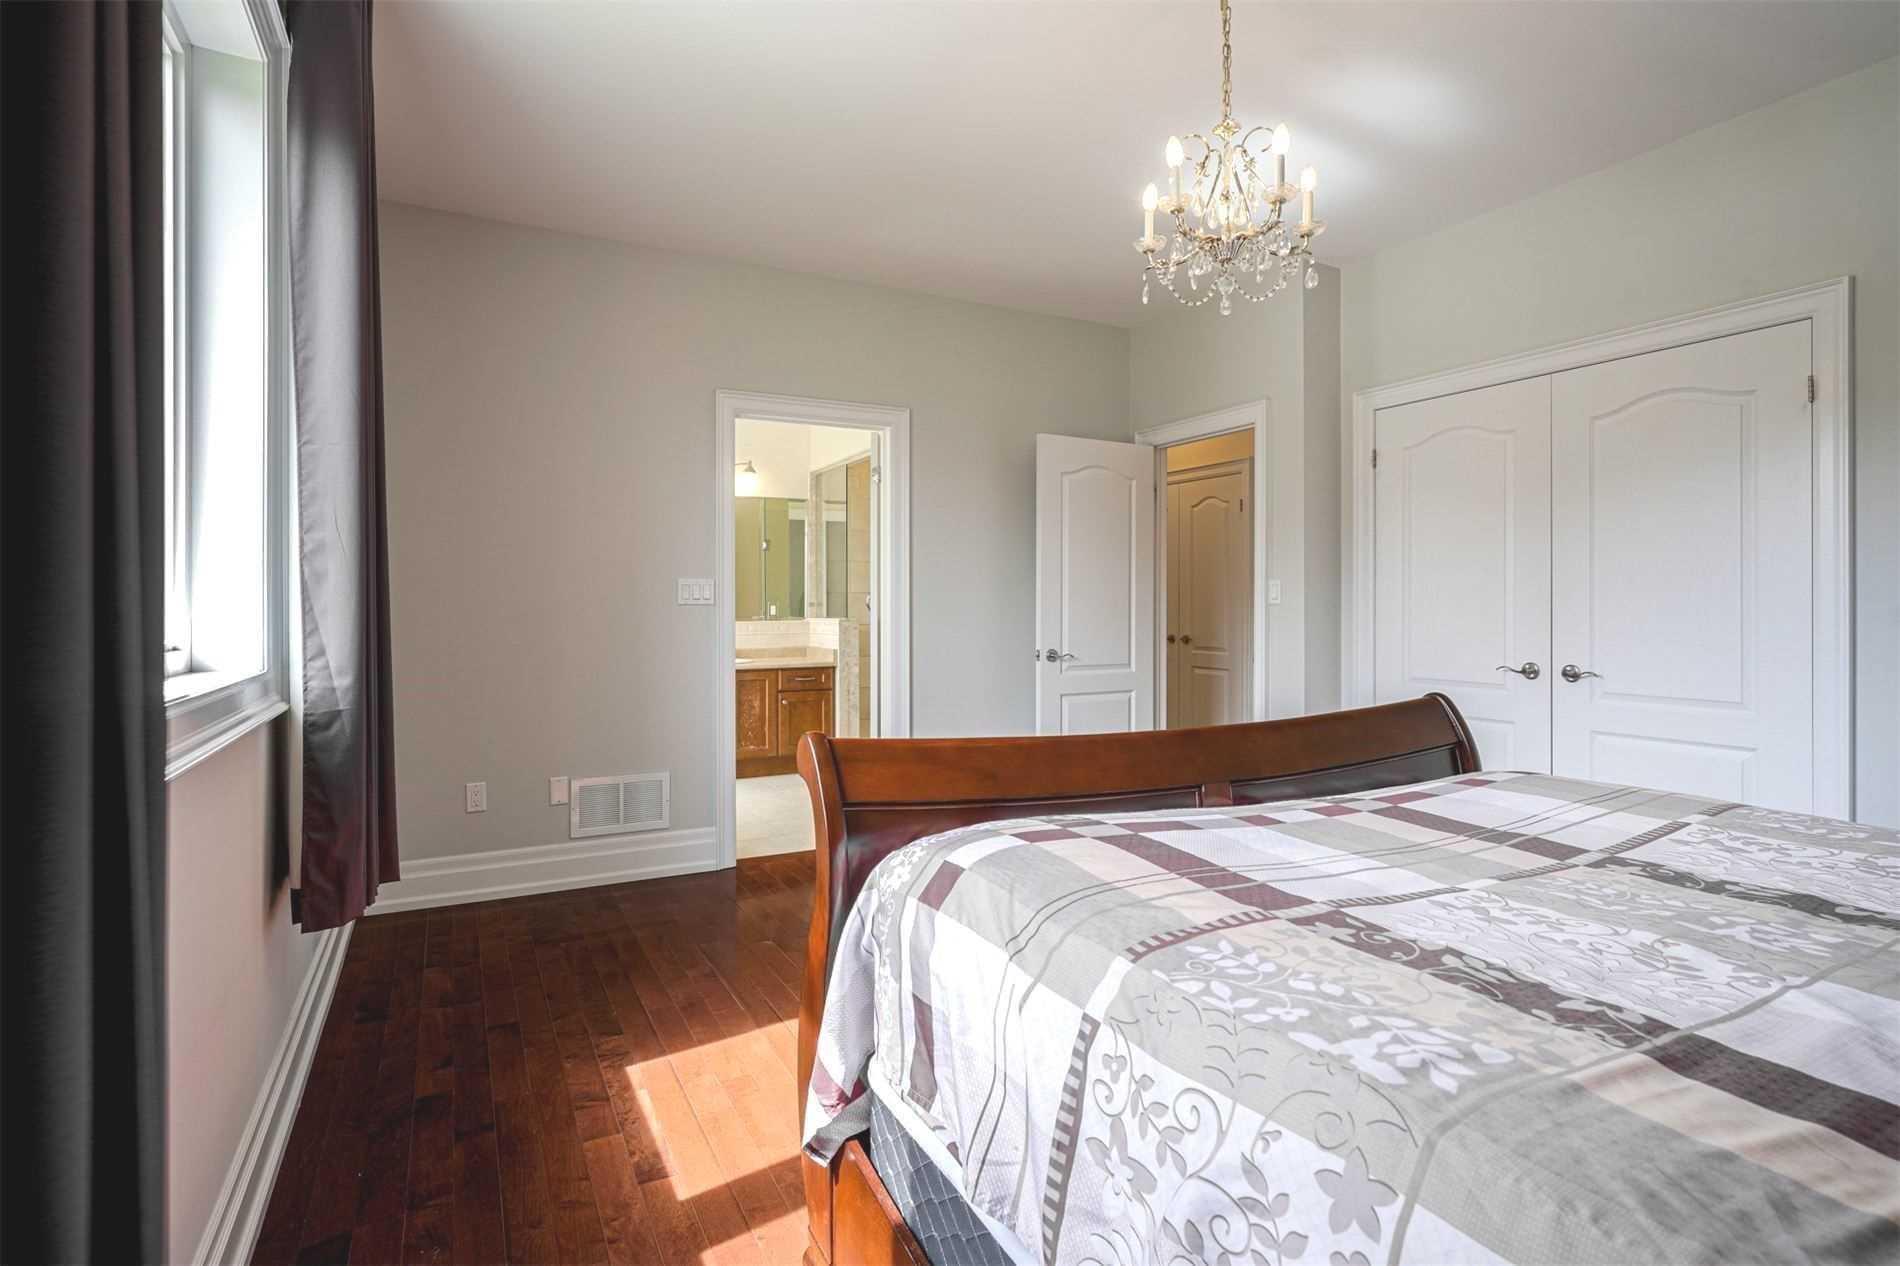 315 Highway 47 Rd - Rural Uxbridge Detached for sale, 3 Bedrooms (N5306115) - #17